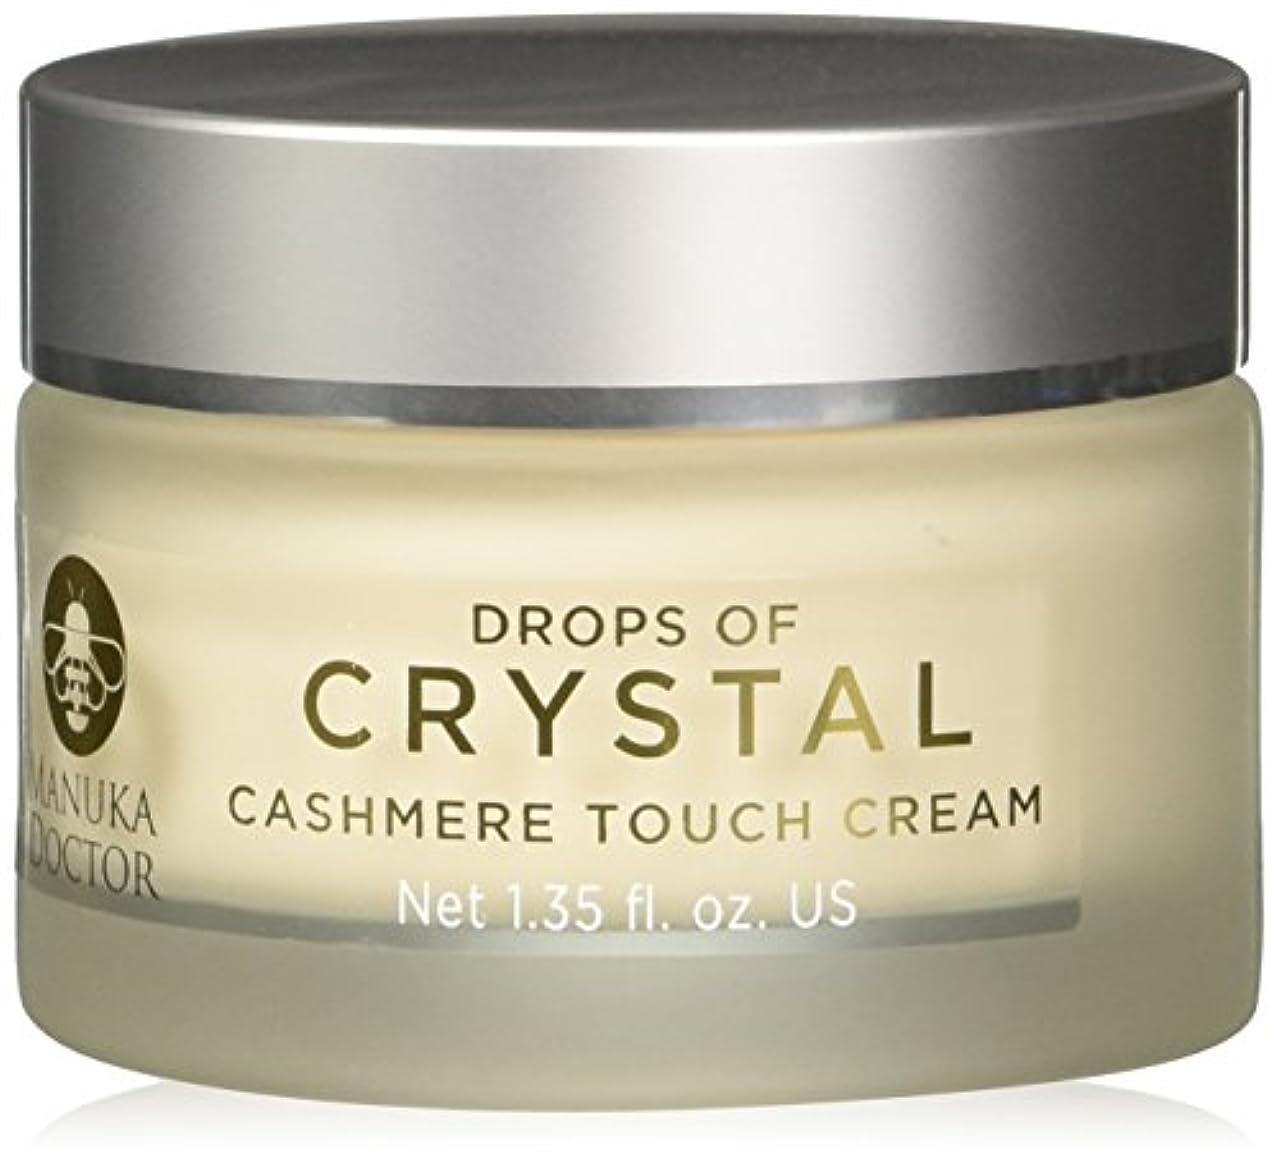 きょうだい修理可能シプリー((マヌカドクター)ドロップスオブクリスタル?カシミアタッチクリーム40ml)(DropsOfCrystal)Cashmere Touch Cream 40ml